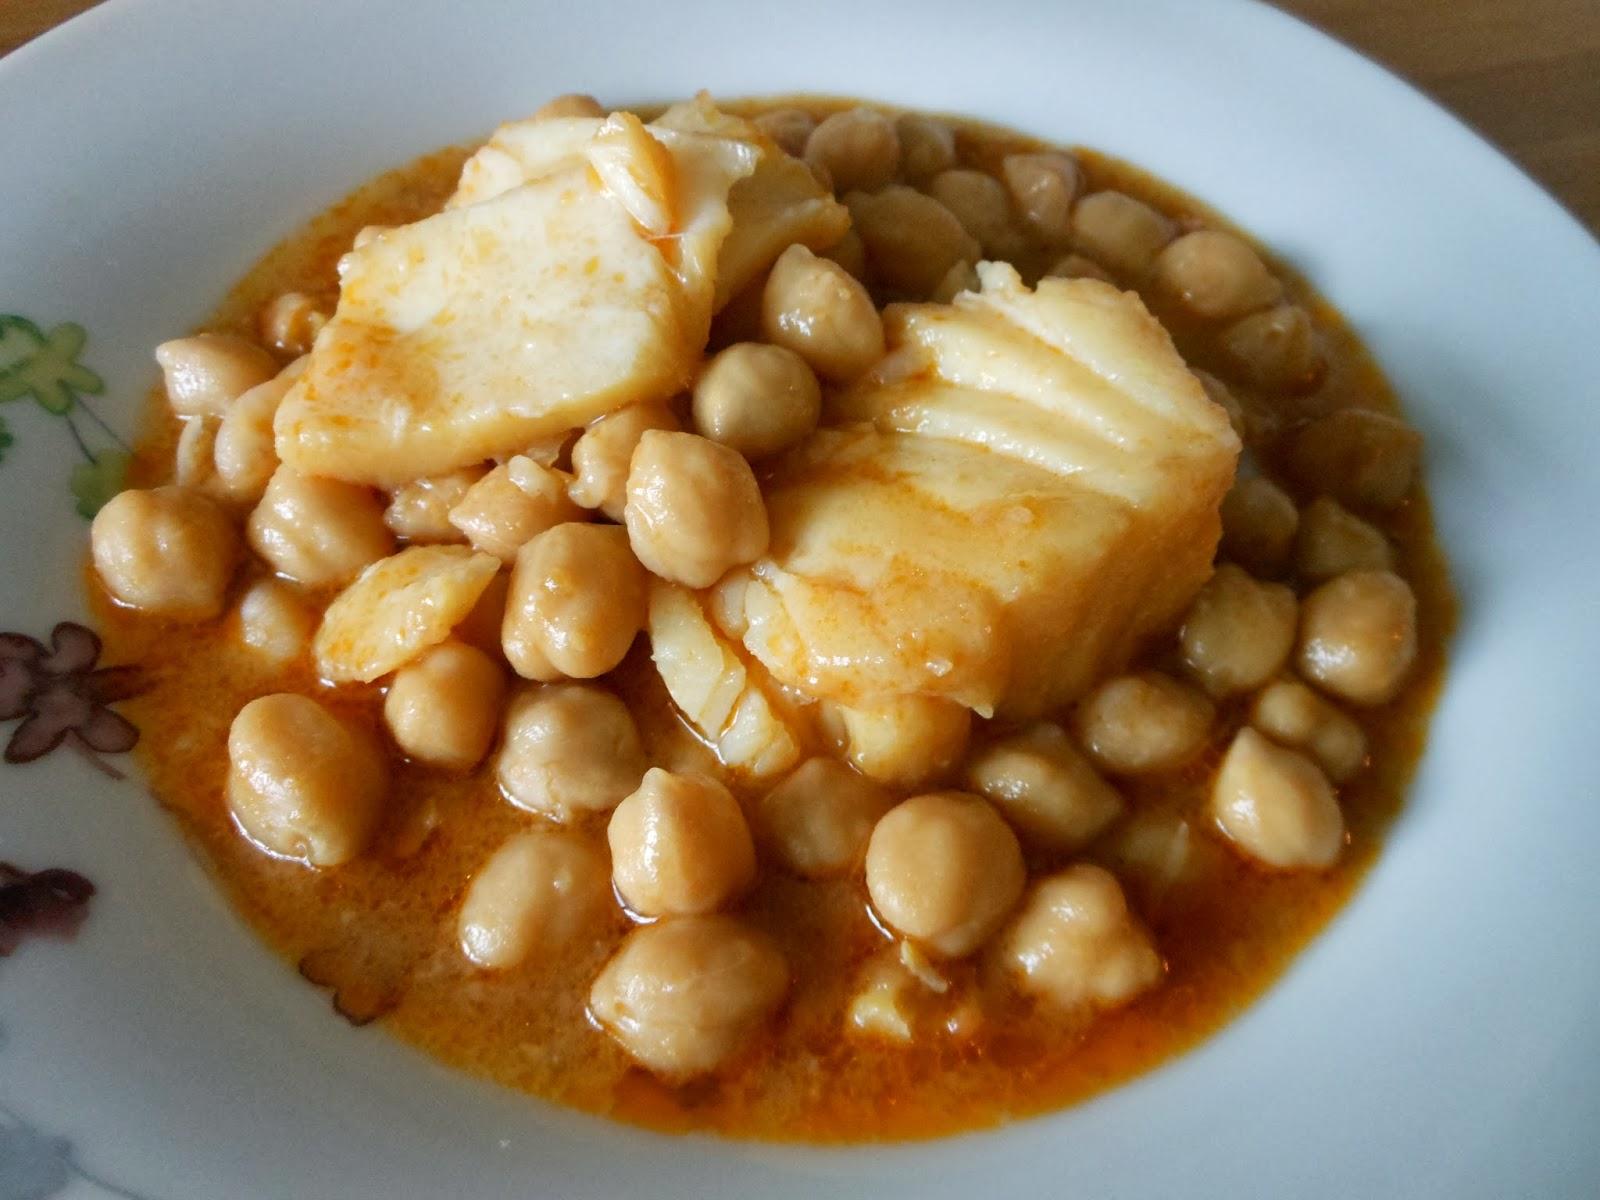 Garbanzos con bacalao cocinar con ciencia - Potaje garbanzos con bacalao ...